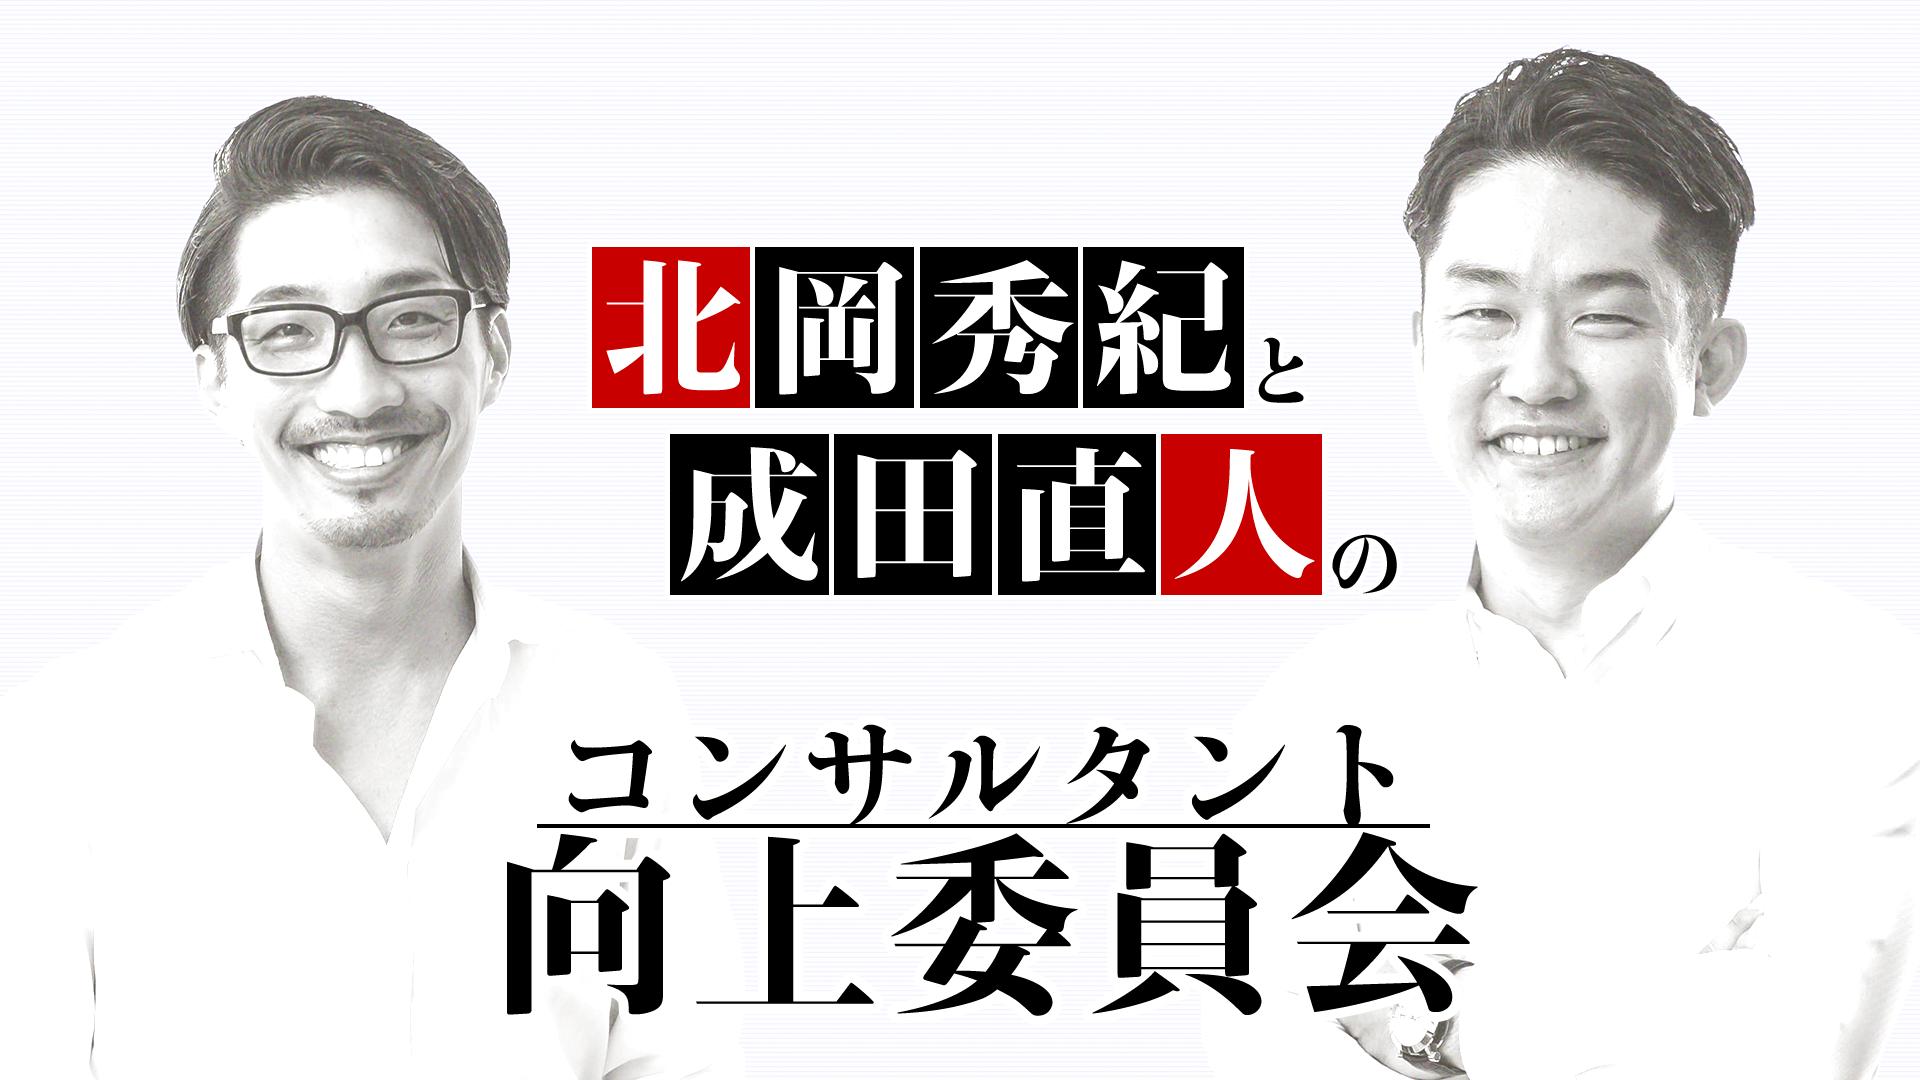 北岡秀紀・成田直人のコンサルタント向上委員会